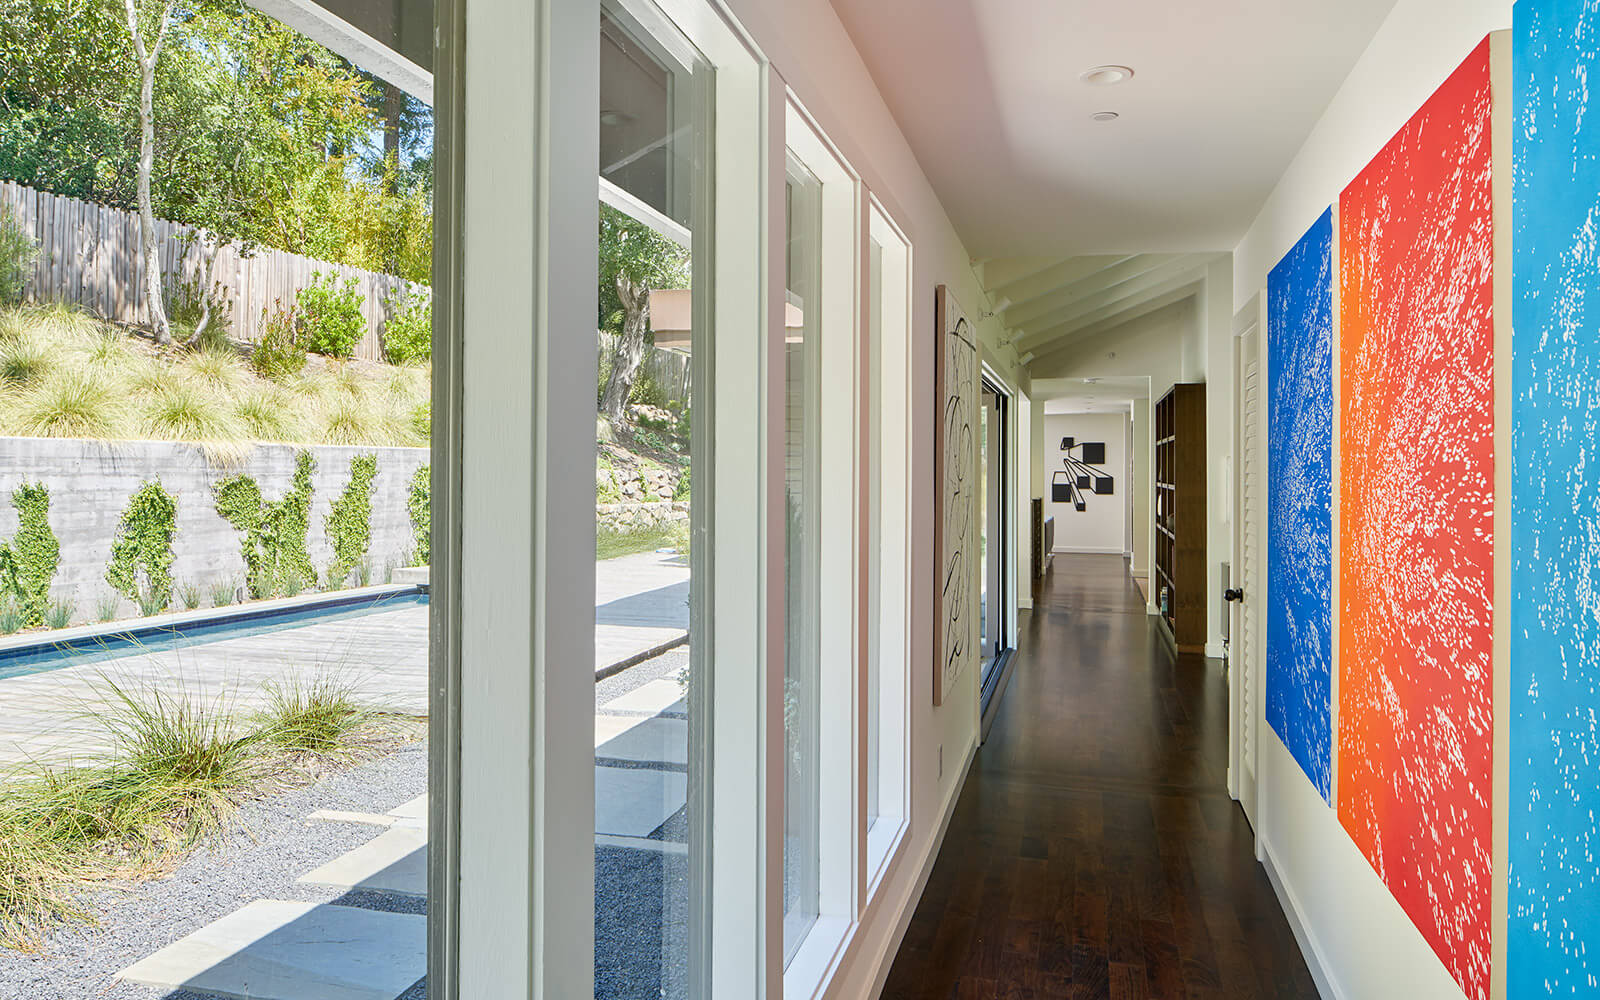 studio vara residential Kentfield hallway art